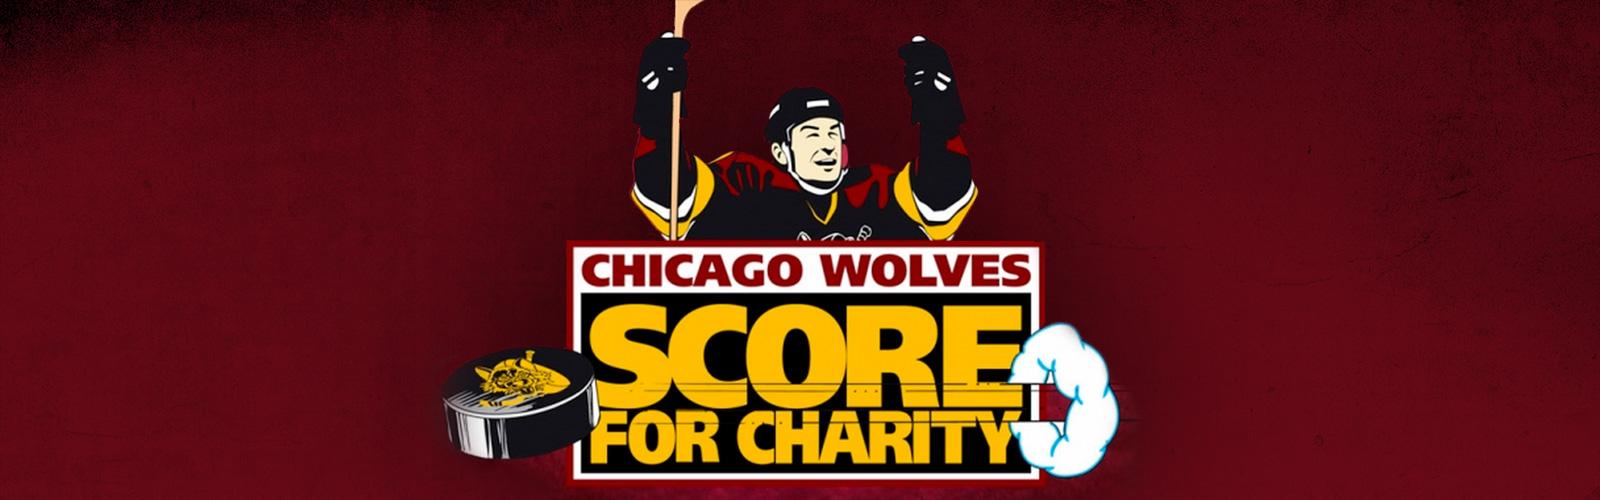 Chicago hockey charities